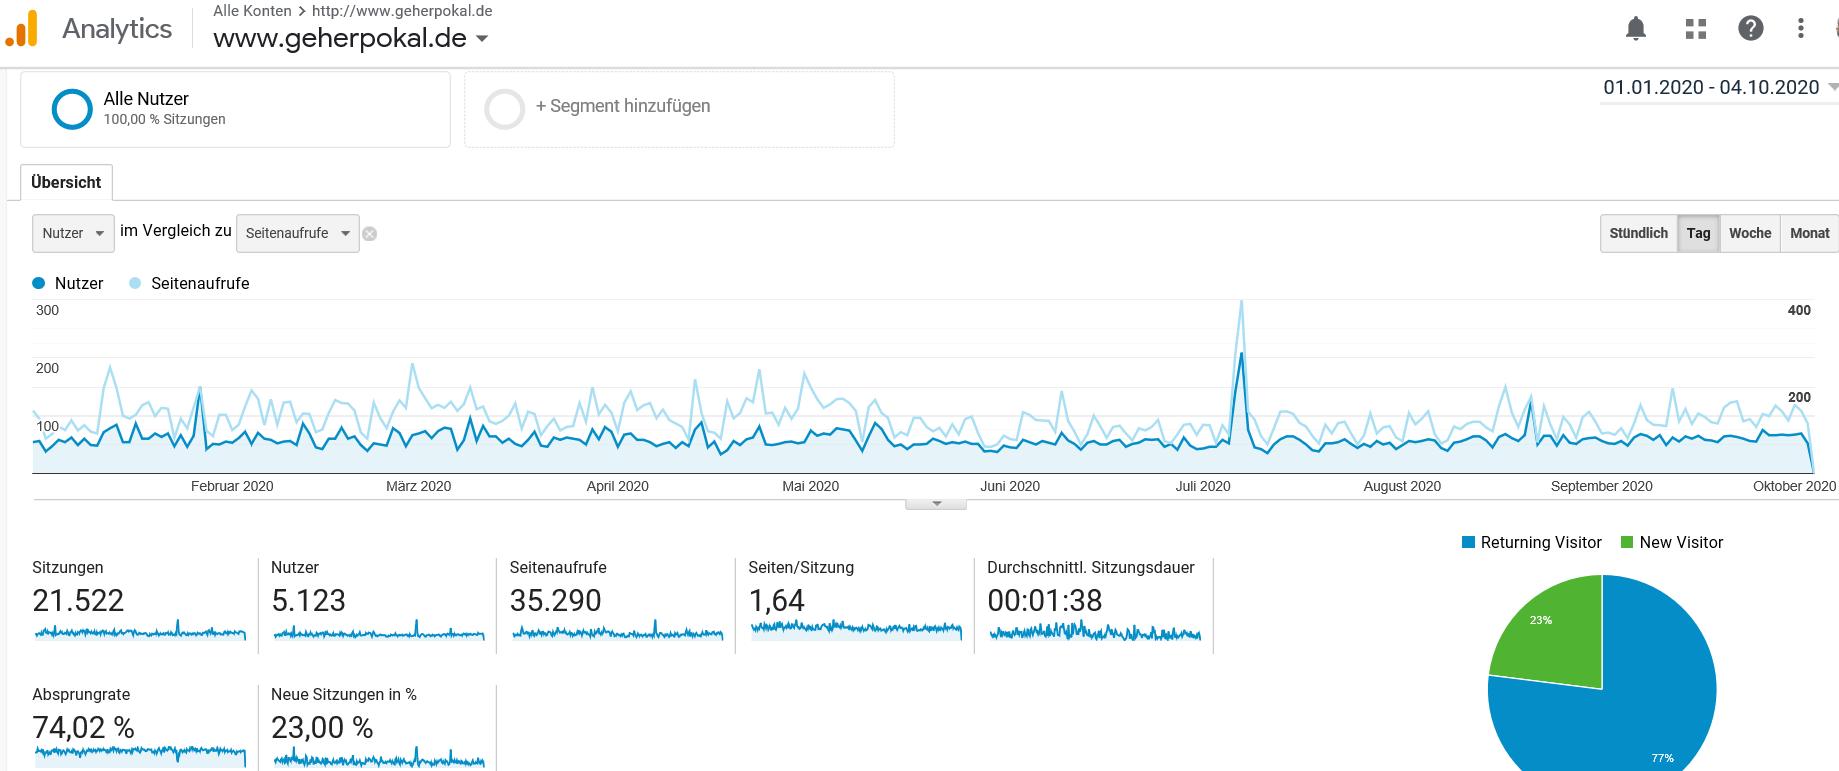 201003 Analytics